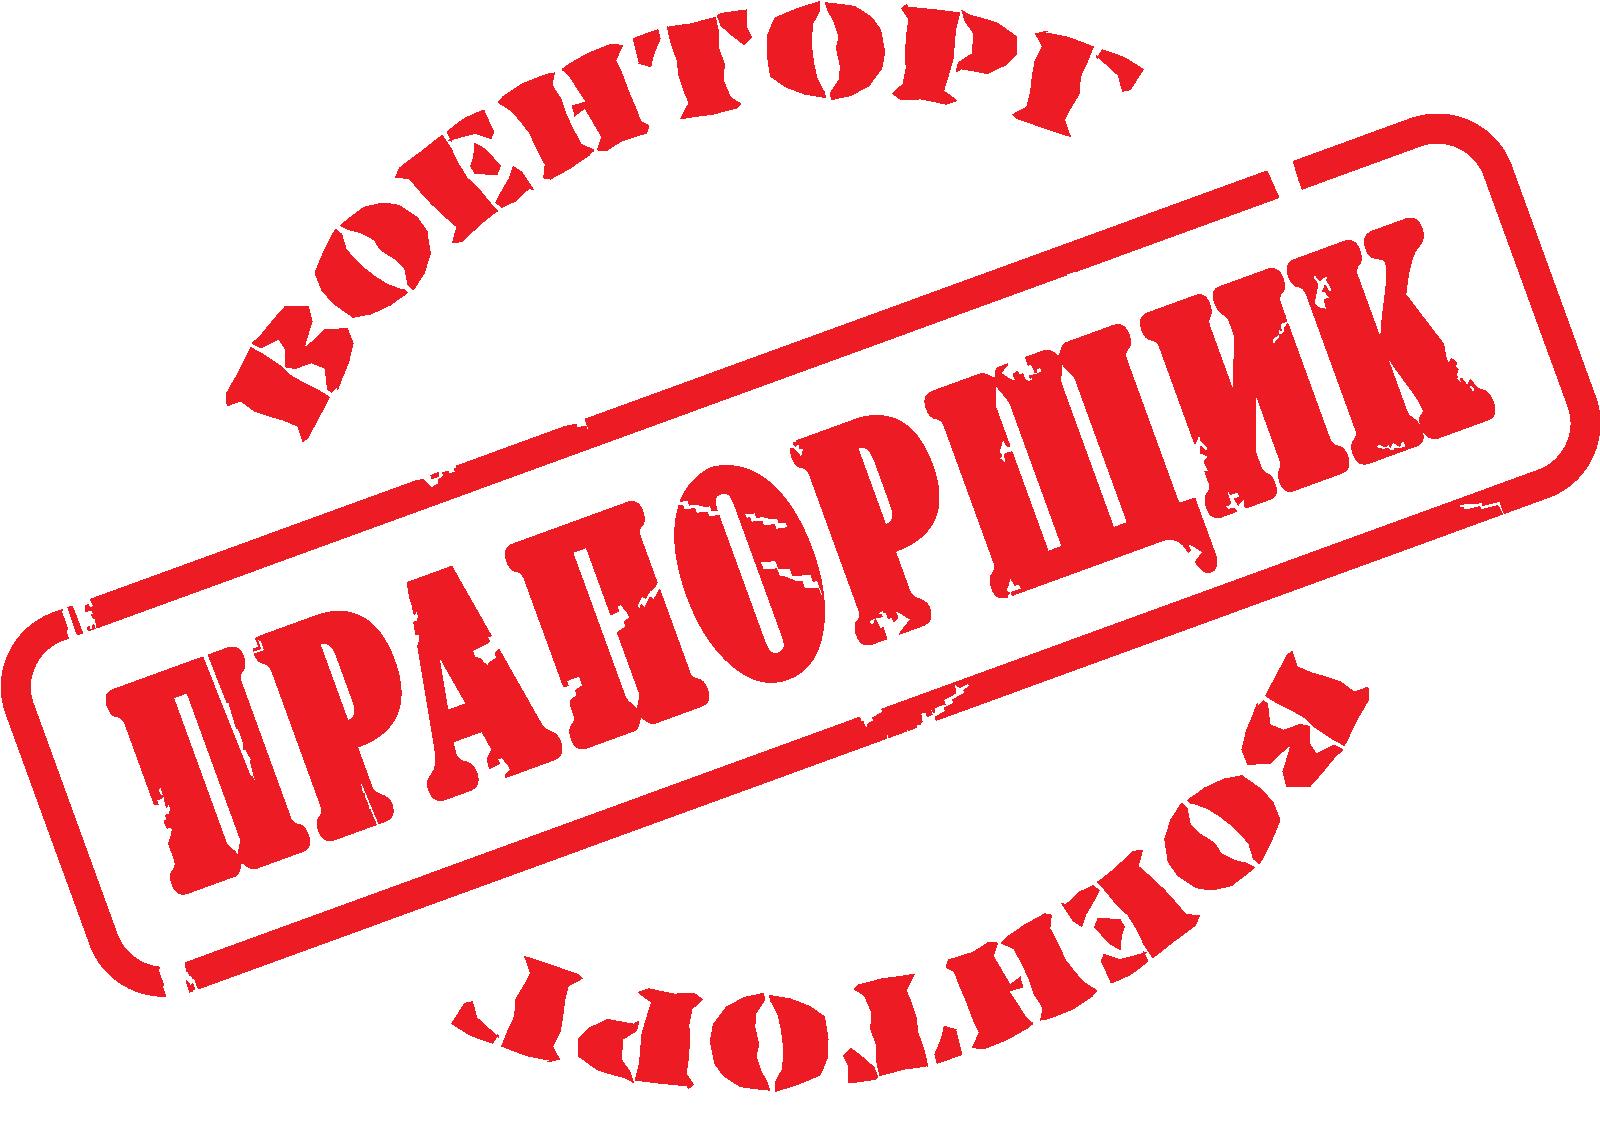 logo_voentorg_(red)